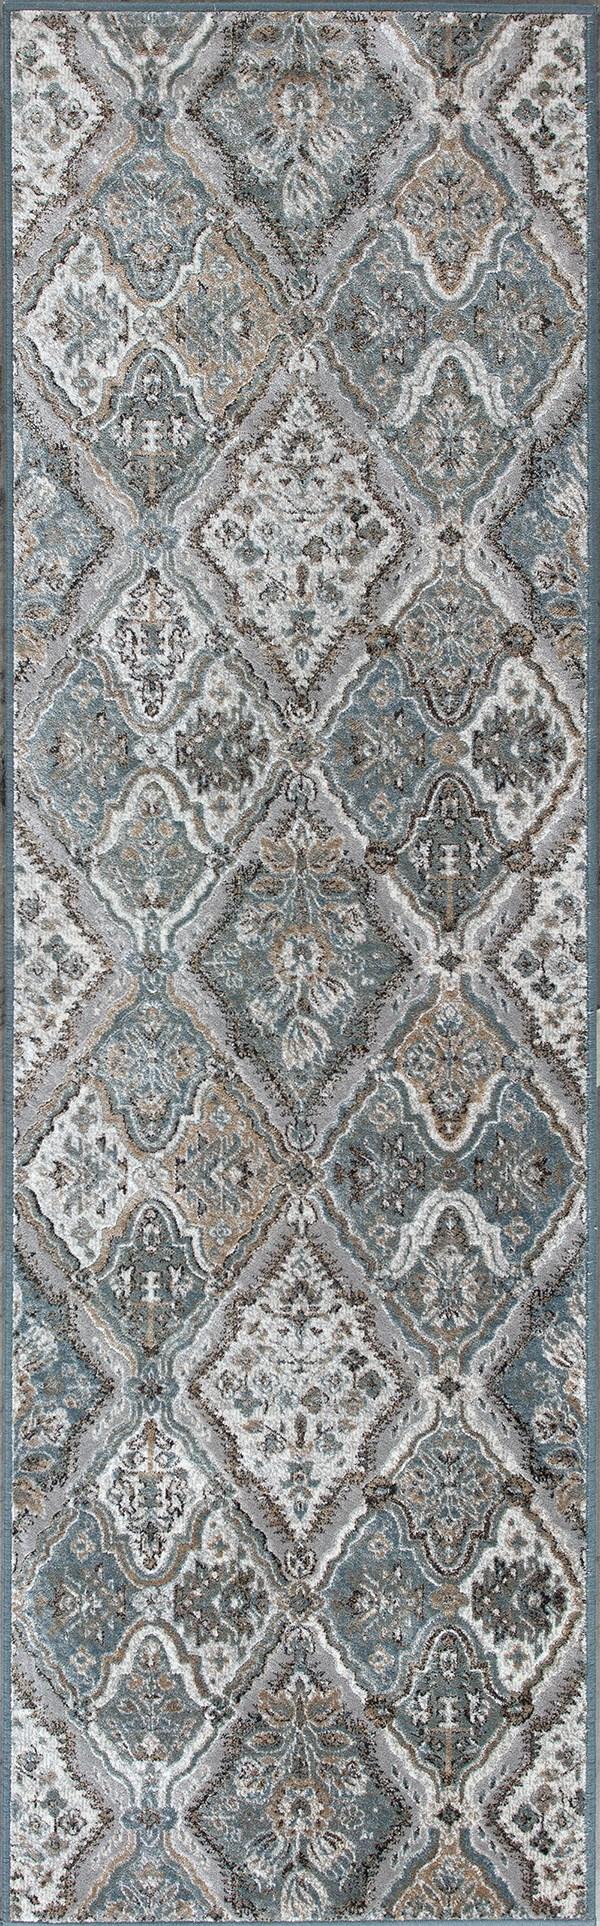 Silver, Blue (8602) Moroccan Area Rug